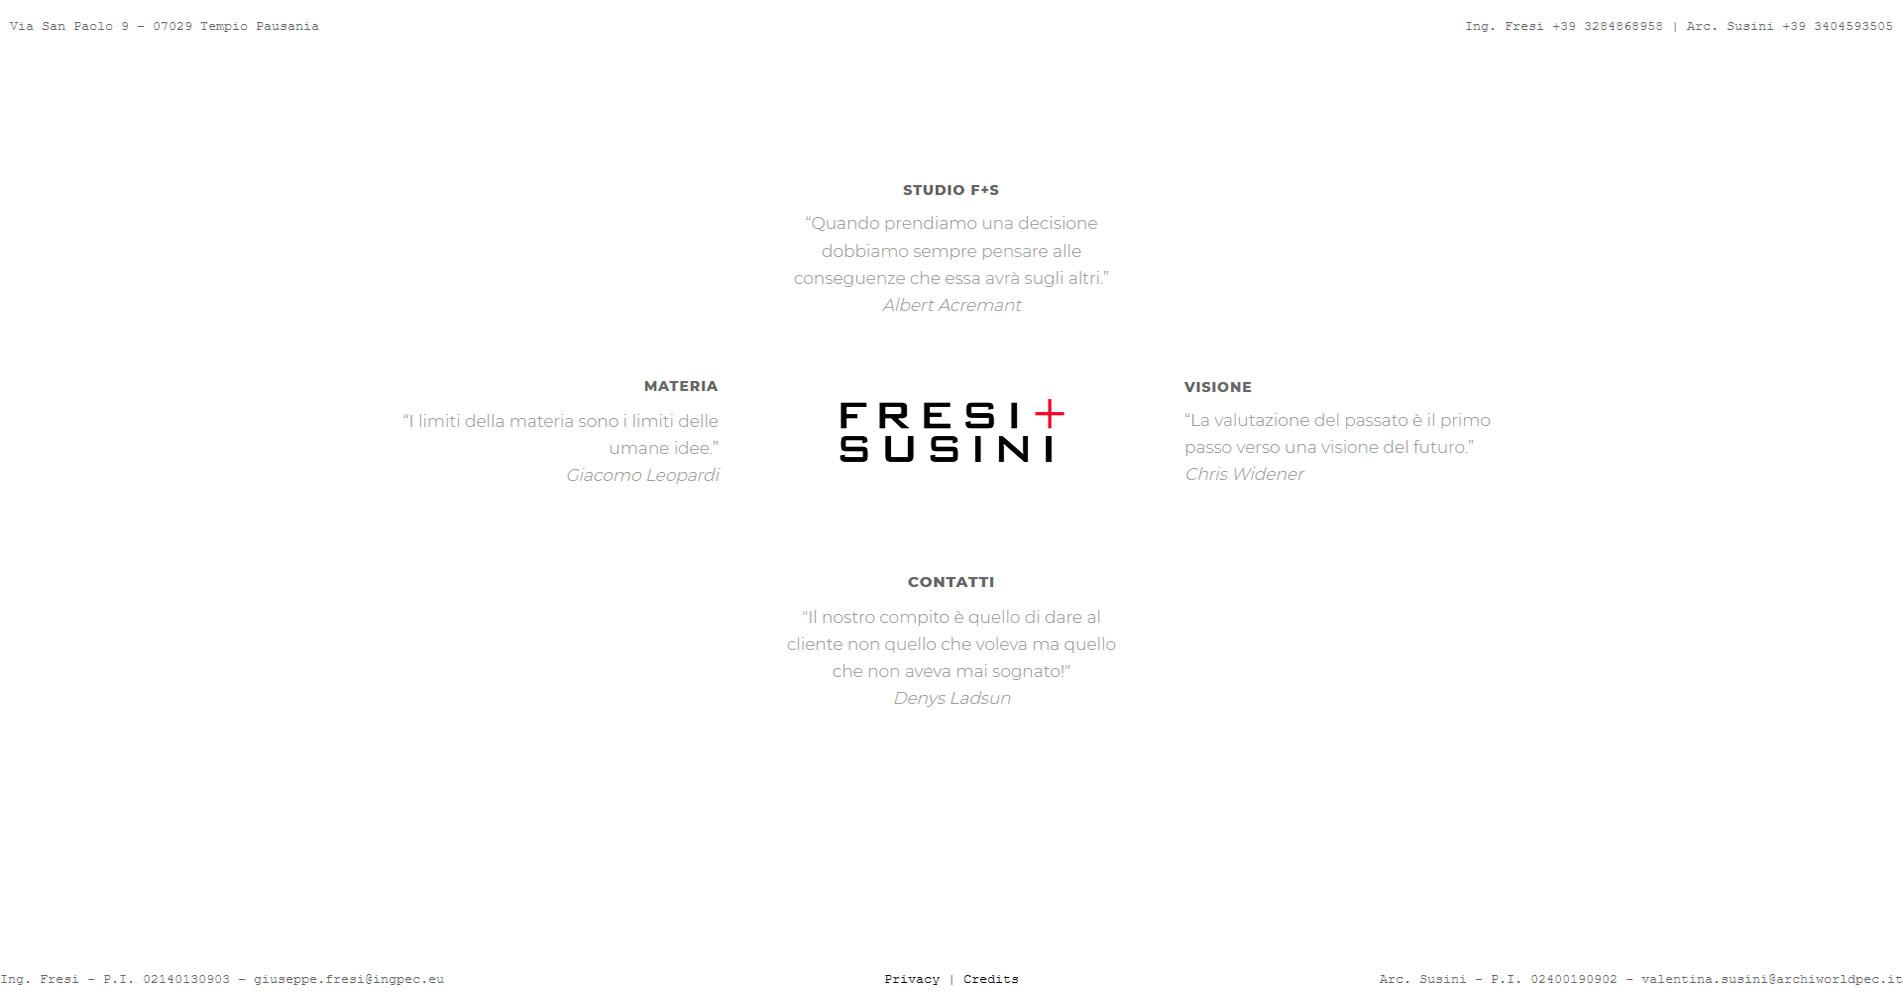 Studio Fresi Susini